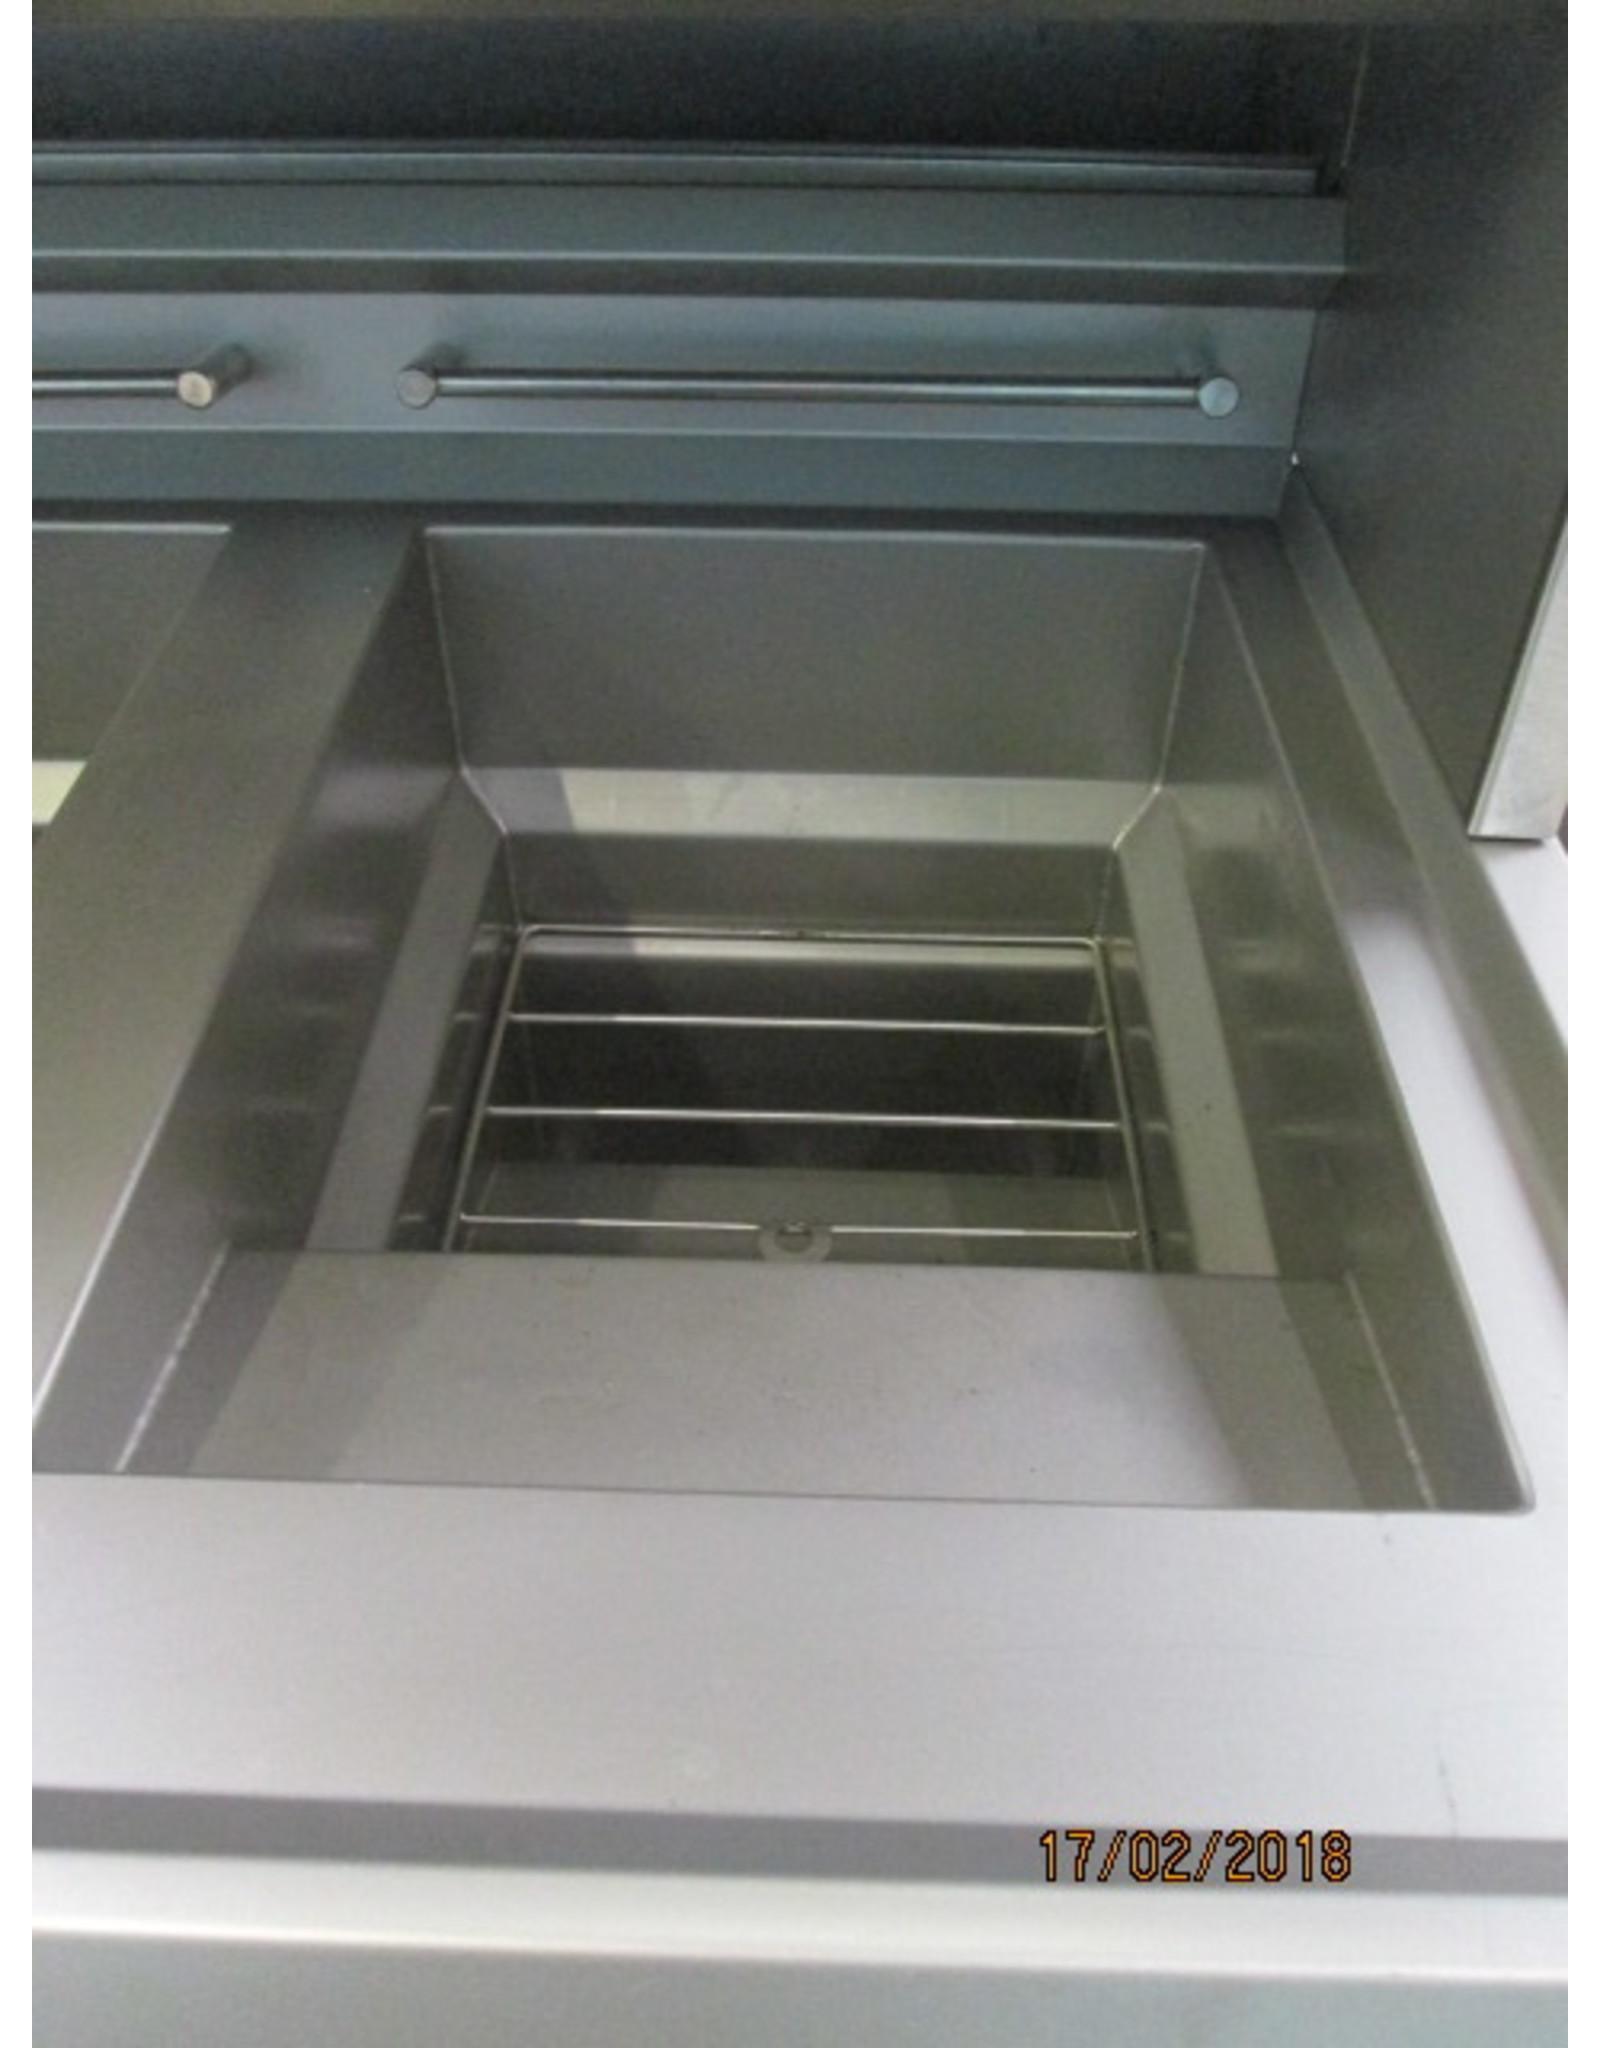 Kiremko-Perfecta-Florigo-Hewigo-Hegro-Hoblo-De Kuiper-Frymaster-Pitco Ersetzen oder reparieren Sie Ihren undichten Wasserkocher oder Ihre undichte Pfanne in Ihrer Backform